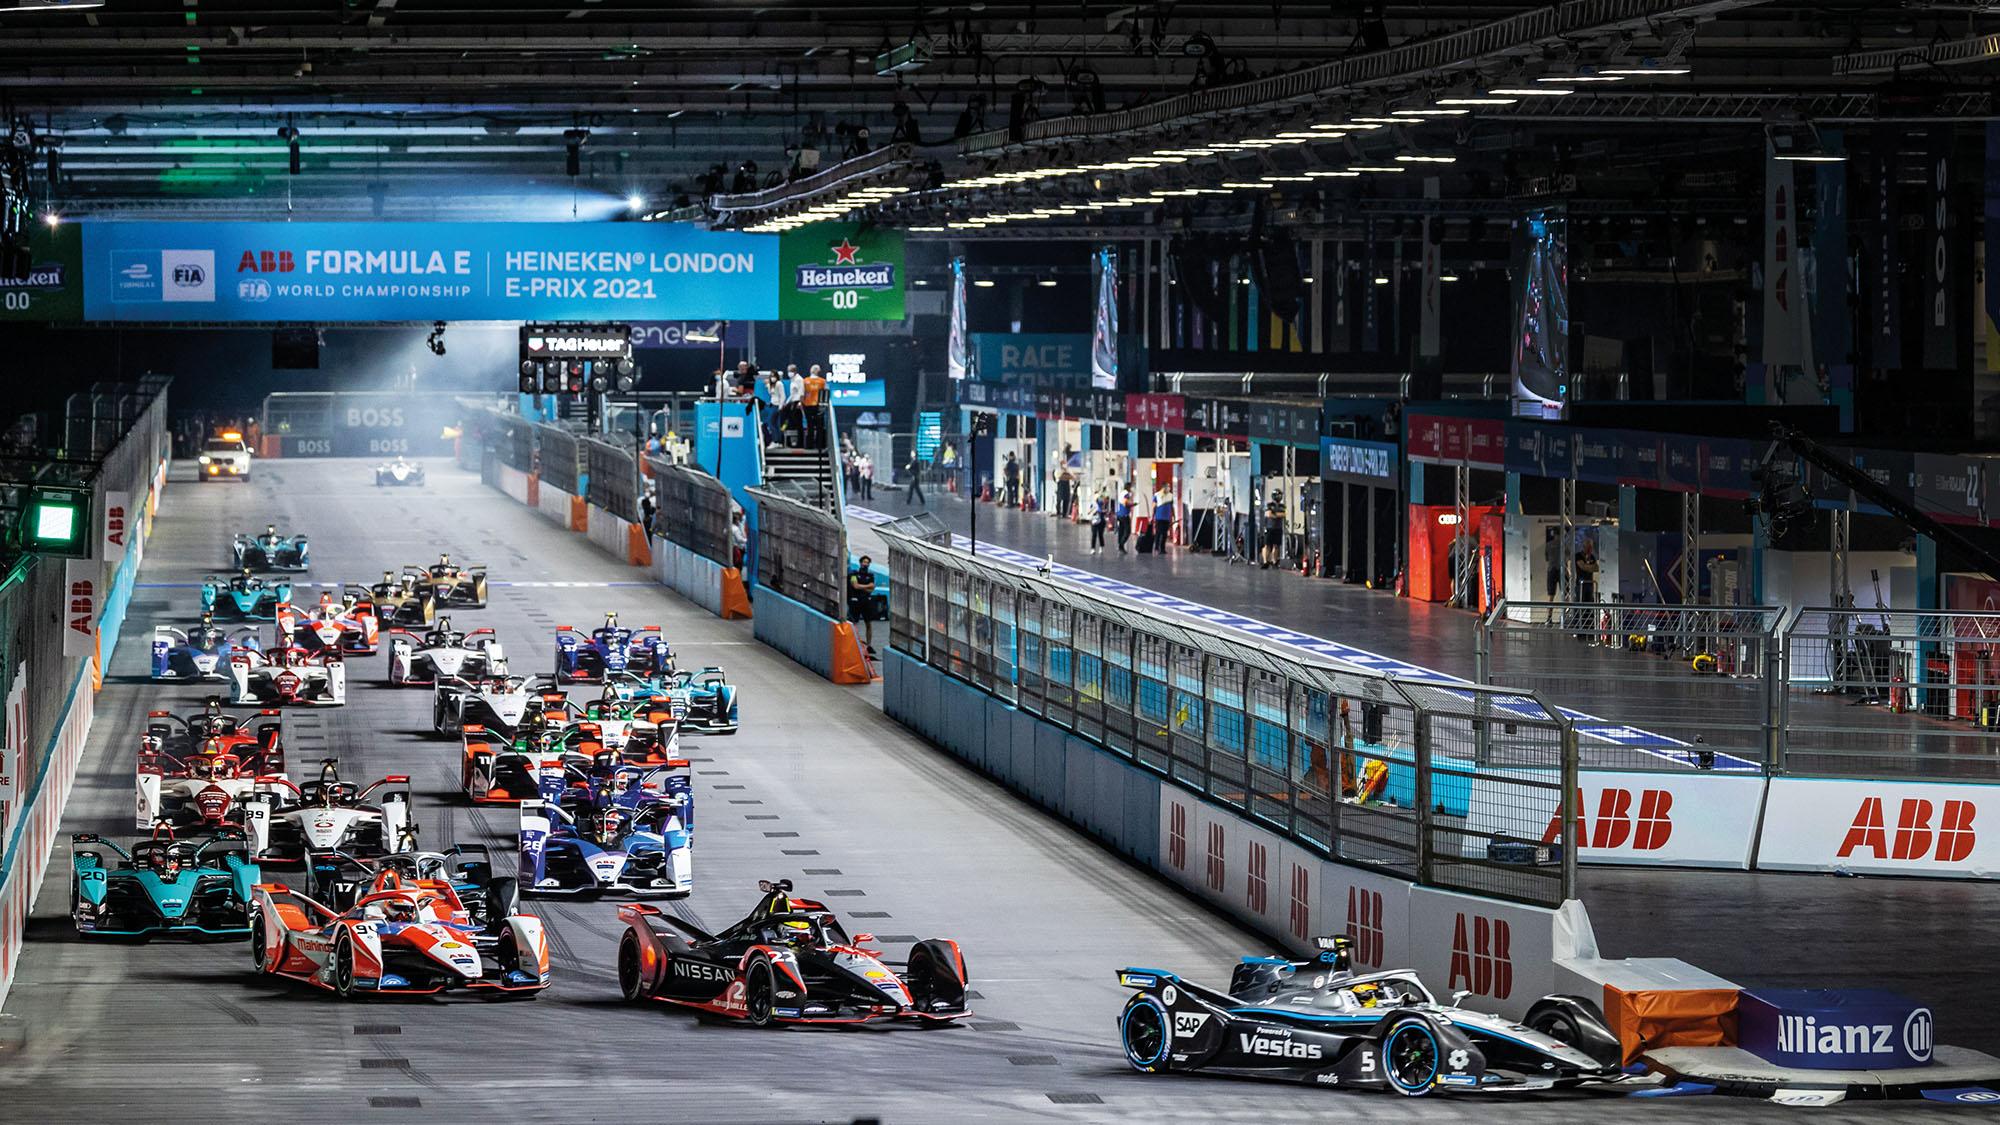 Start of the 2021 Formula E London E-Prix